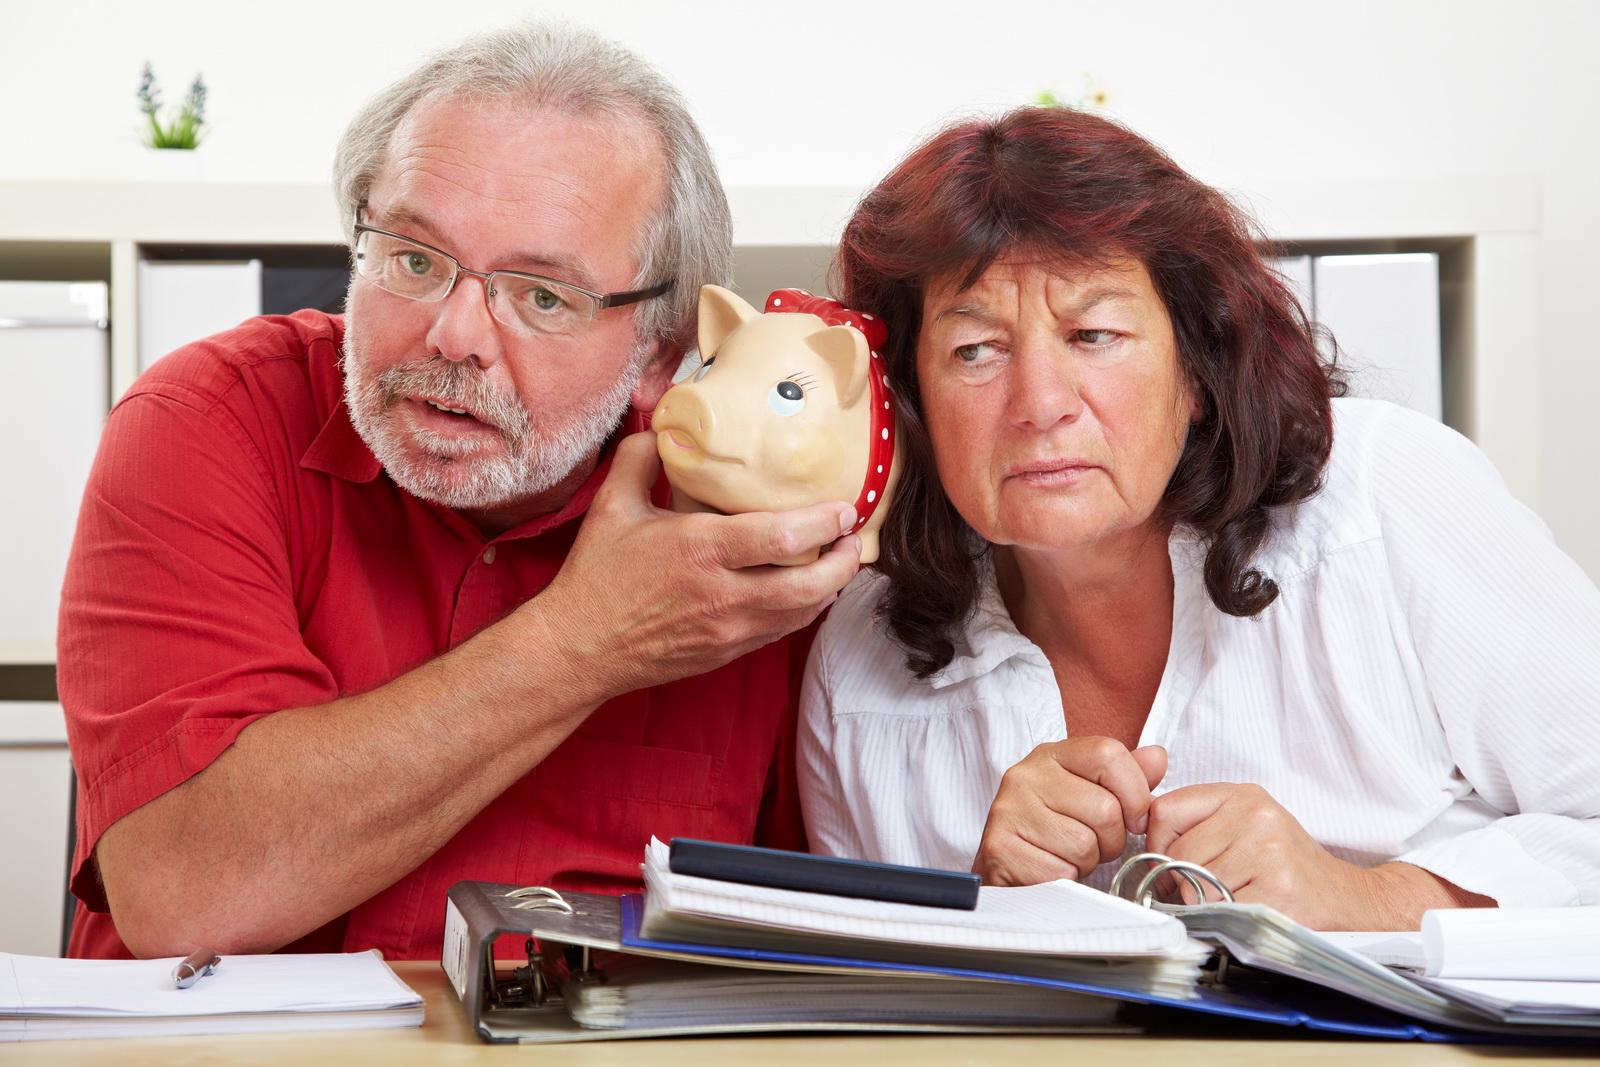 Достаточно ли у вас денег для жизни на пенсии? (продолжение)